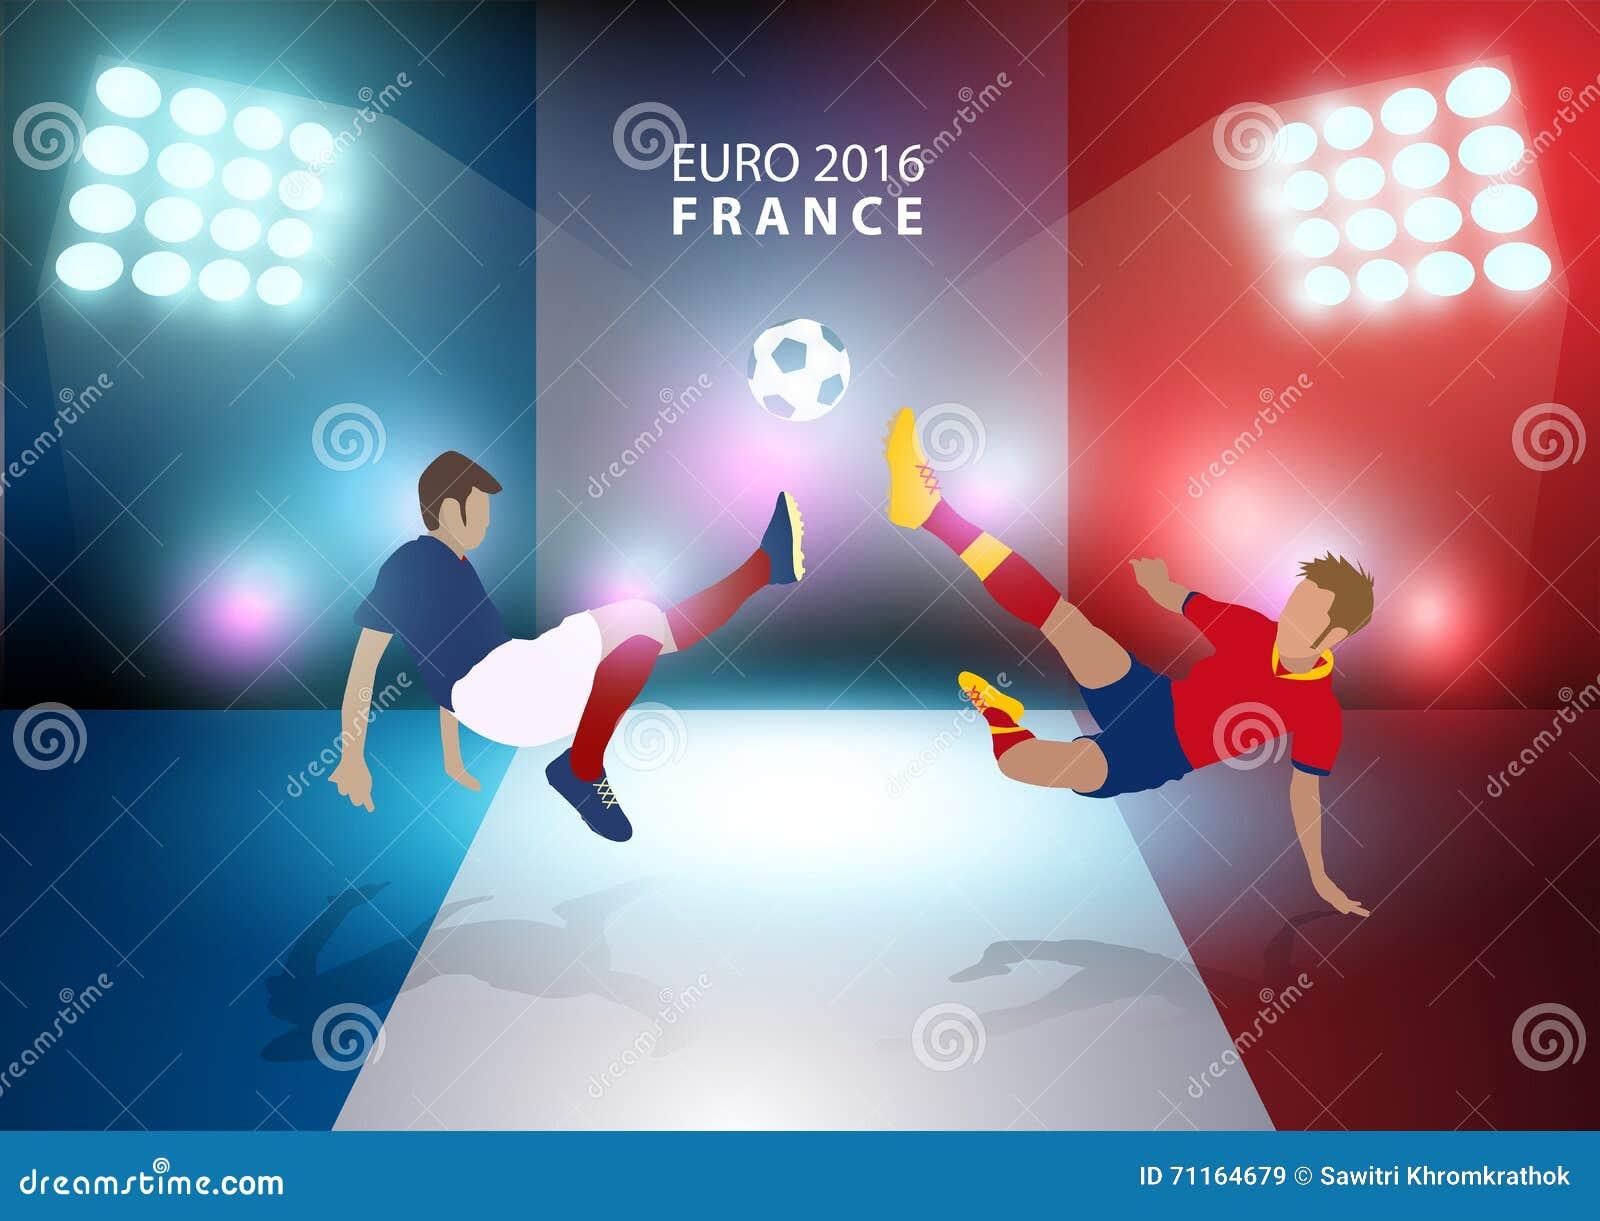 Mästerskap 2016 för vektoreuroFrankrike fotboll med fotbollspelare